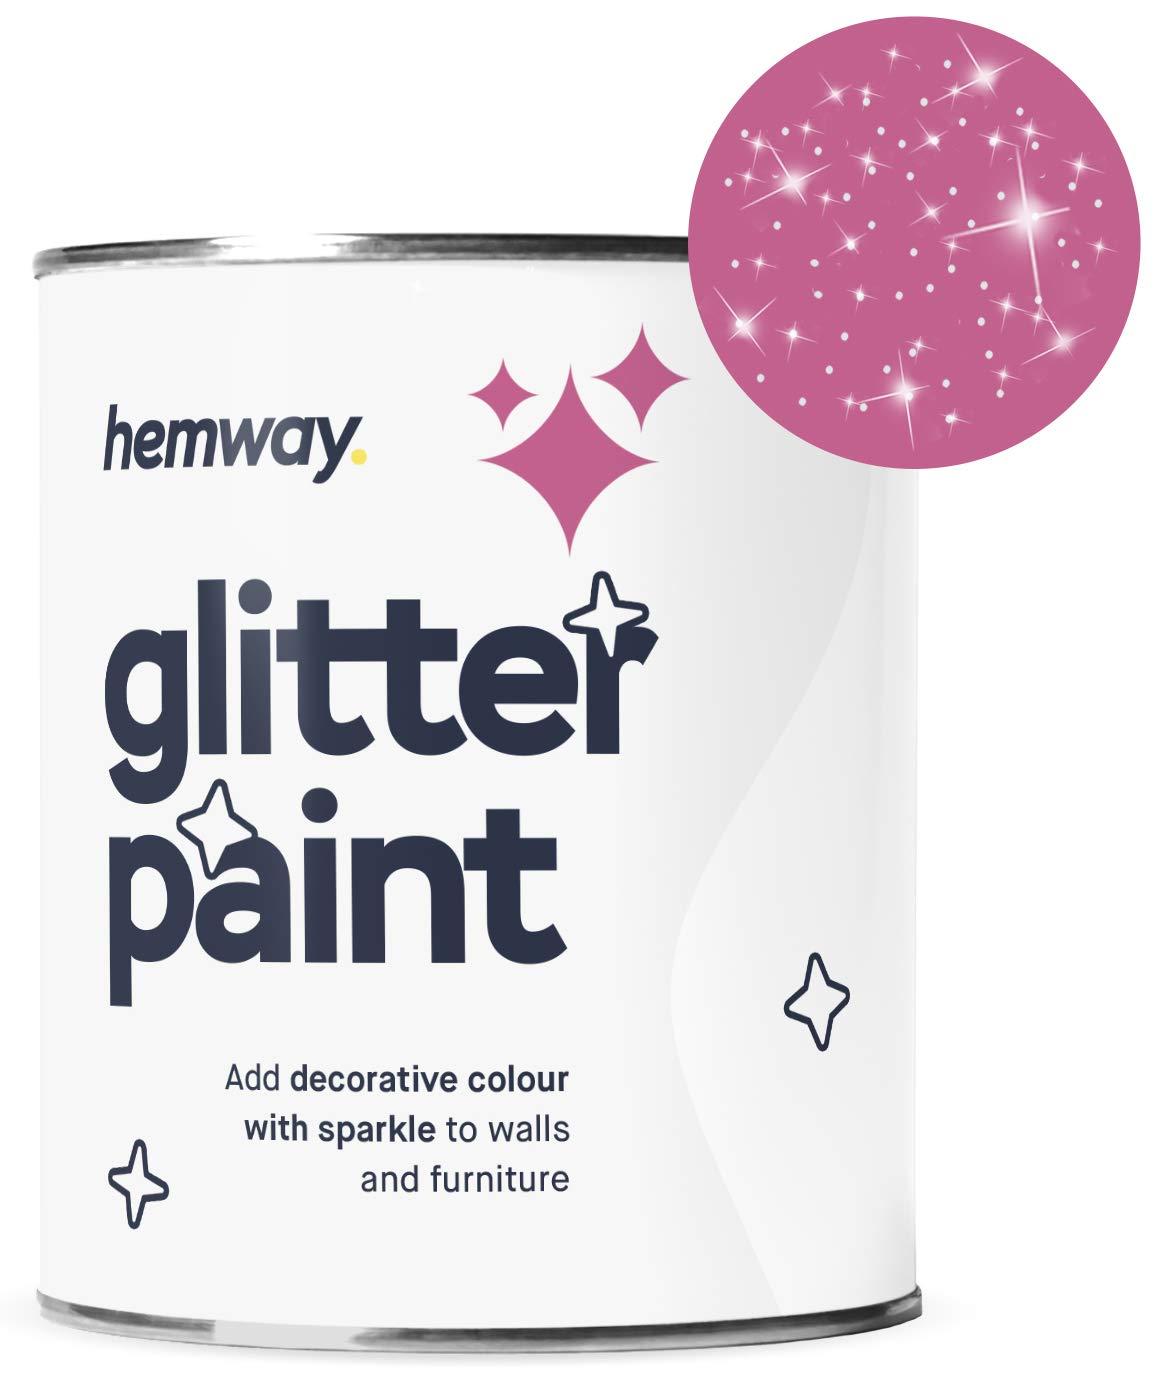 Hemway Silver Glitter Paint 1L Matte Walls Wallpaper Bathroom Furniture Acrylic Latex (Bubblegum Pink)